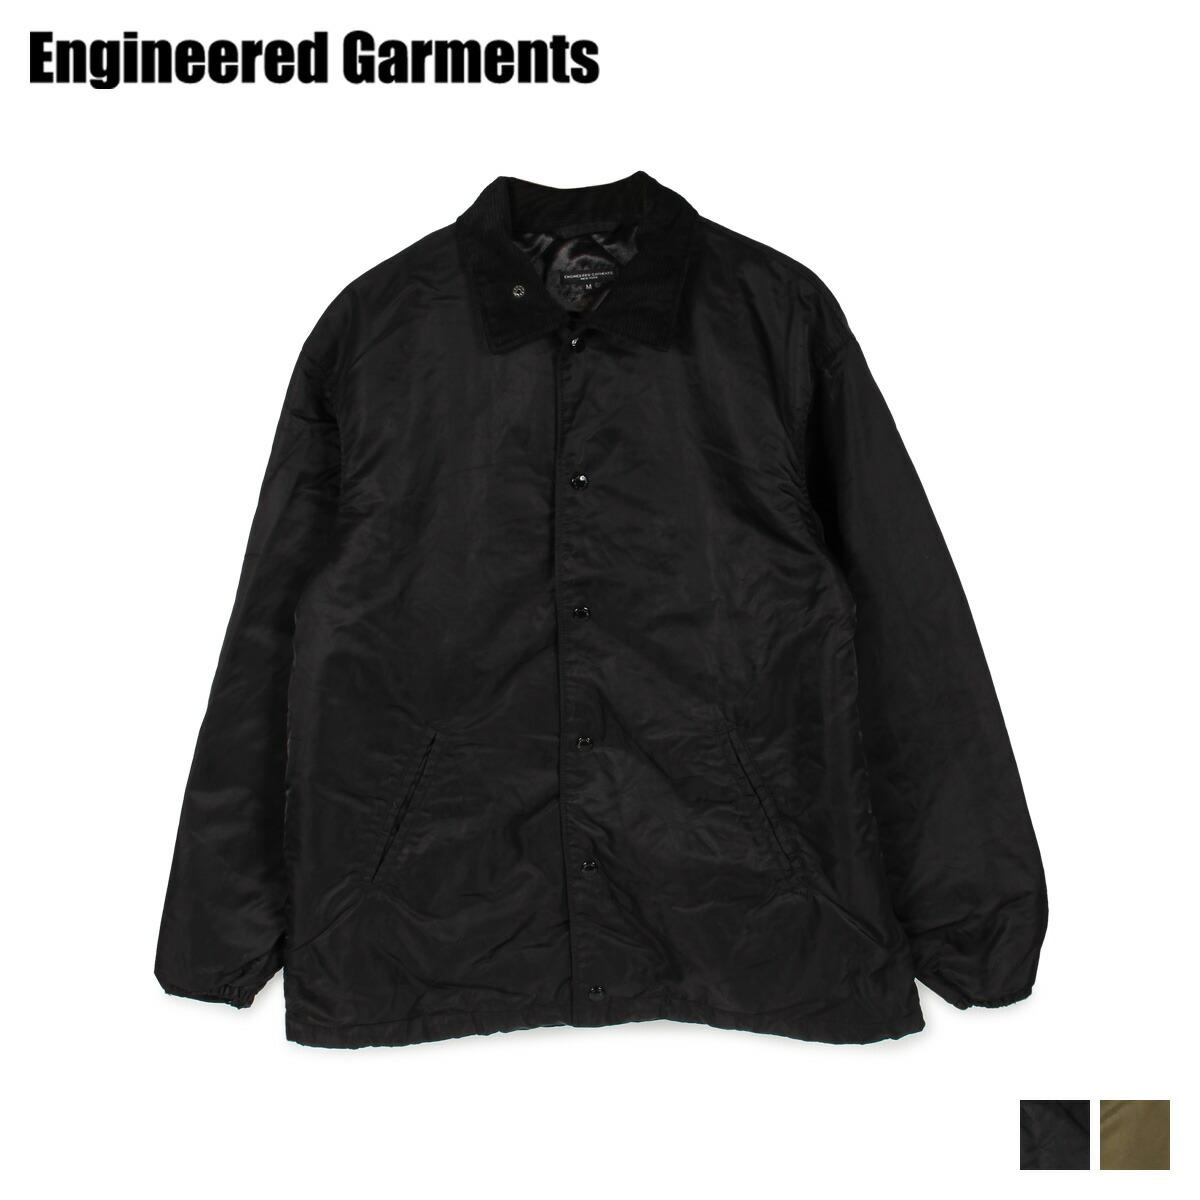 ENGINEERED GARMENTS エンジニアドガーメンツ ジャケット メンズ GROUND JACKET ブラック オリーブ 黒 19FD017